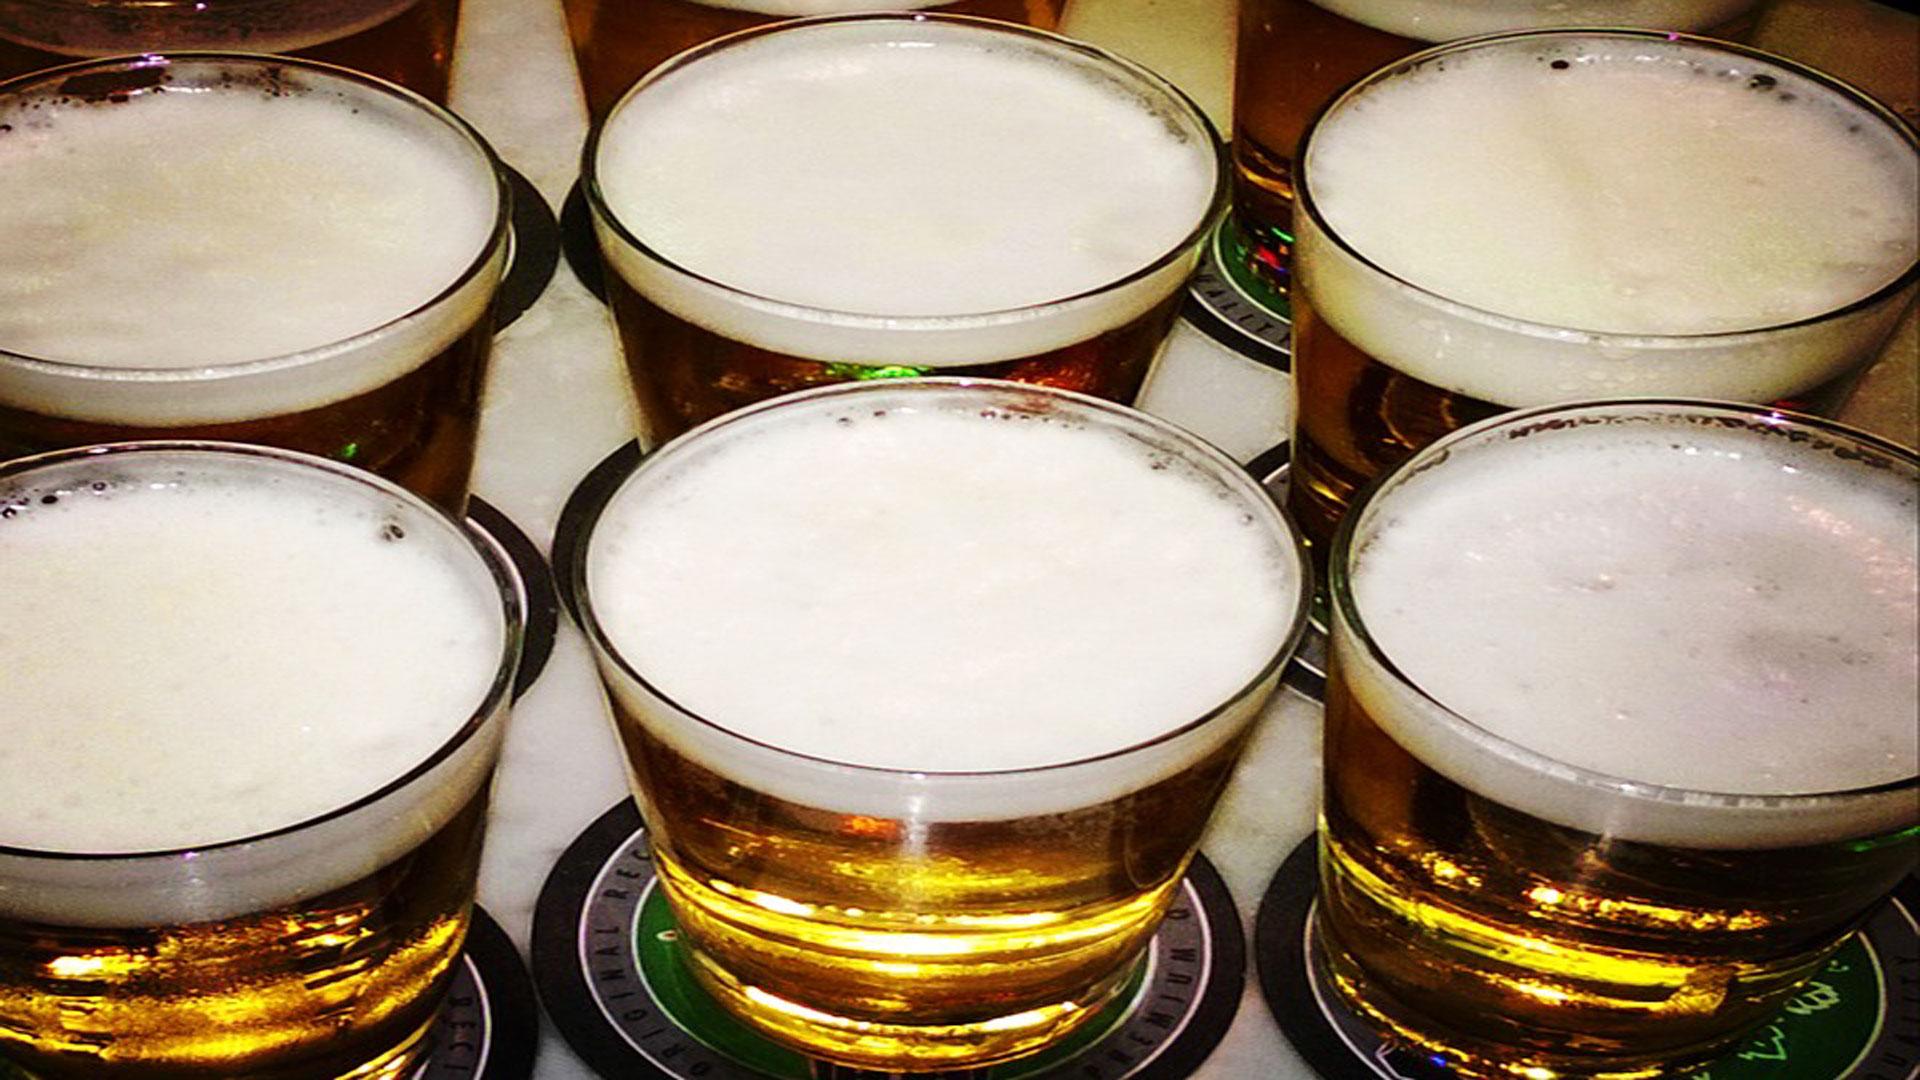 Cuánta-cerveza-bebes-al-año-1920